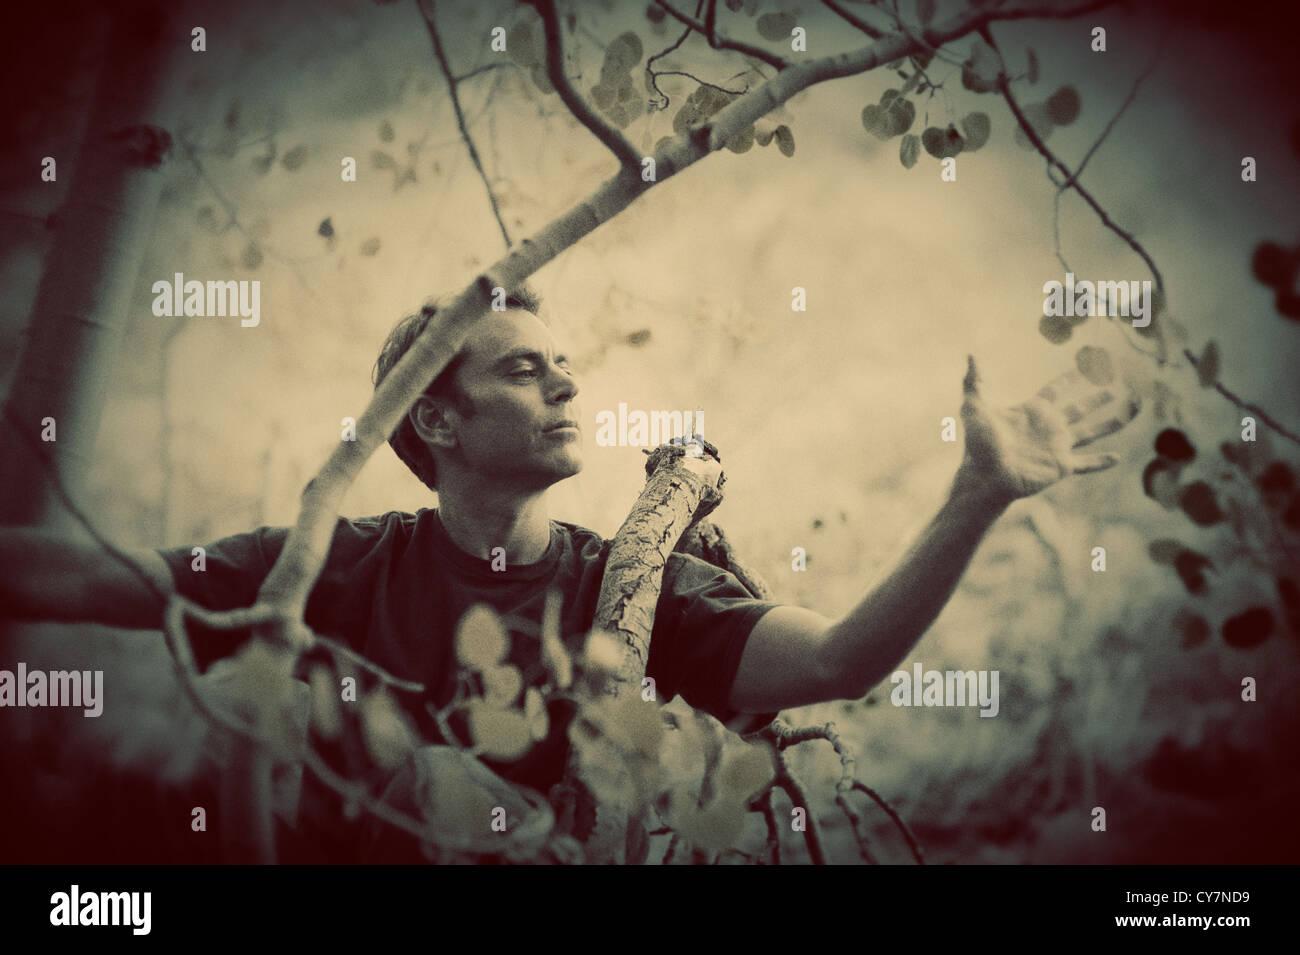 Einfühlsamer Mann poetische Liebe zur Natur zum Ausdruck zu bringen. Stockbild